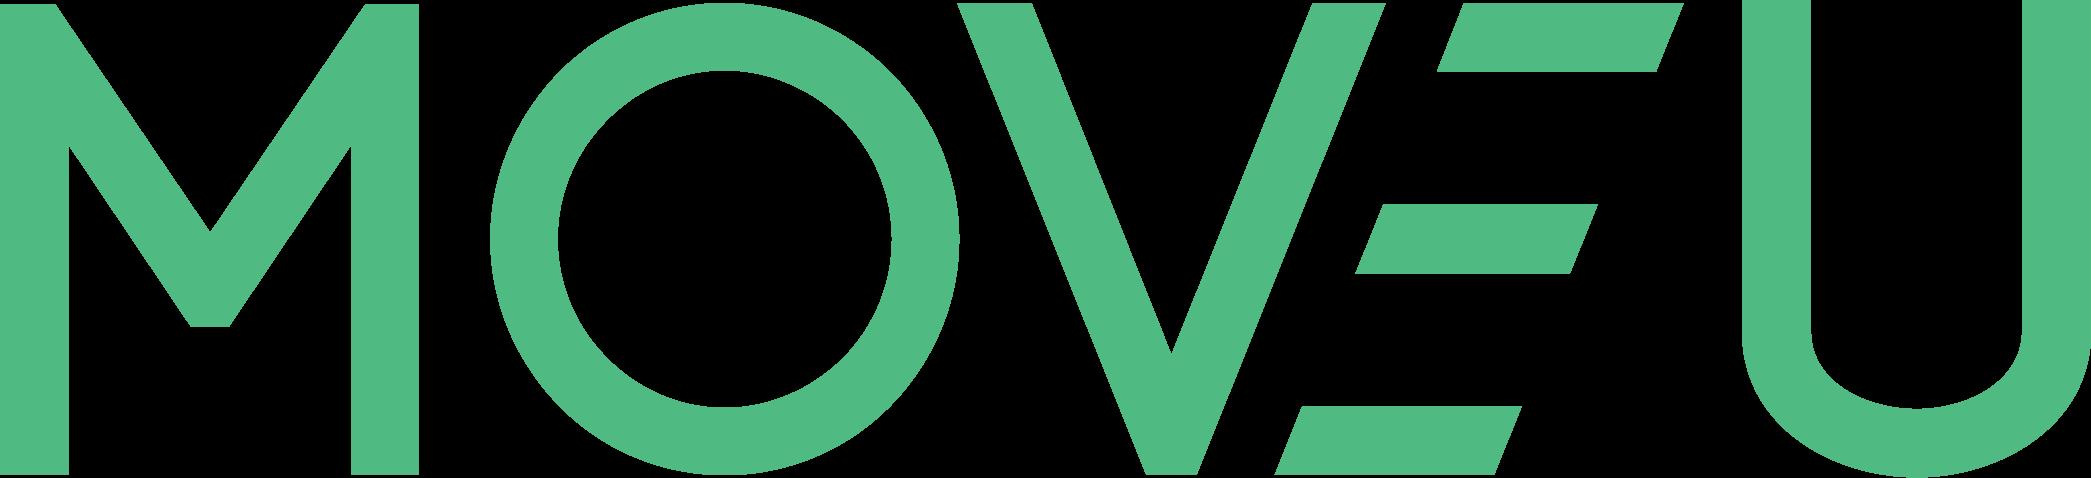 logo-senza-sfondo